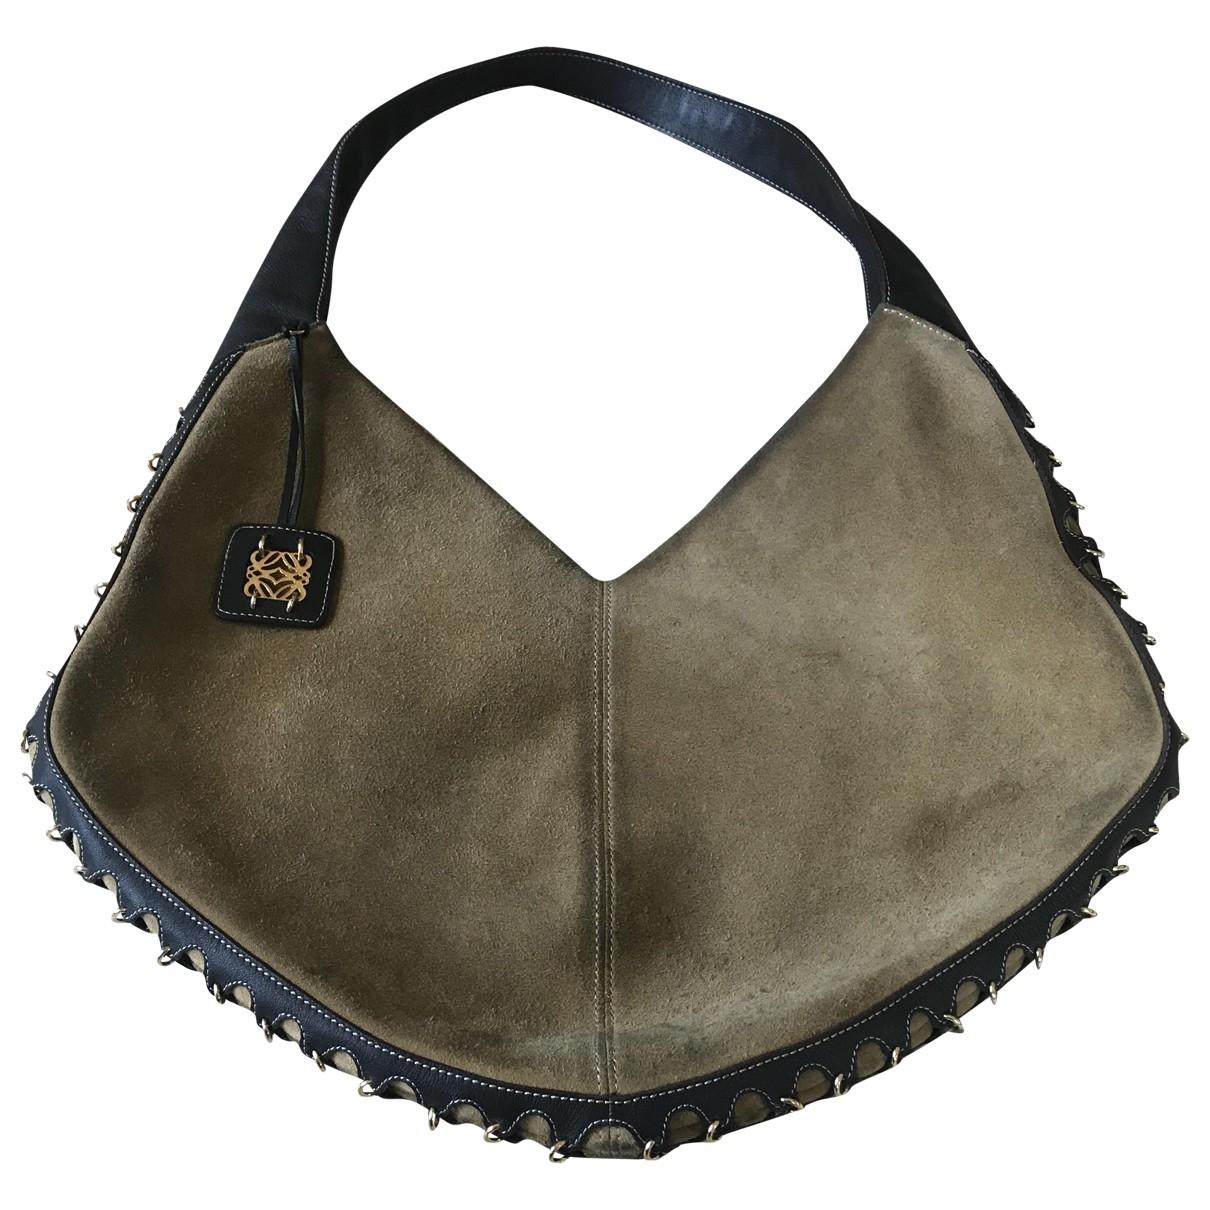 Loewe \N Handtasche in  Kamel Veloursleder